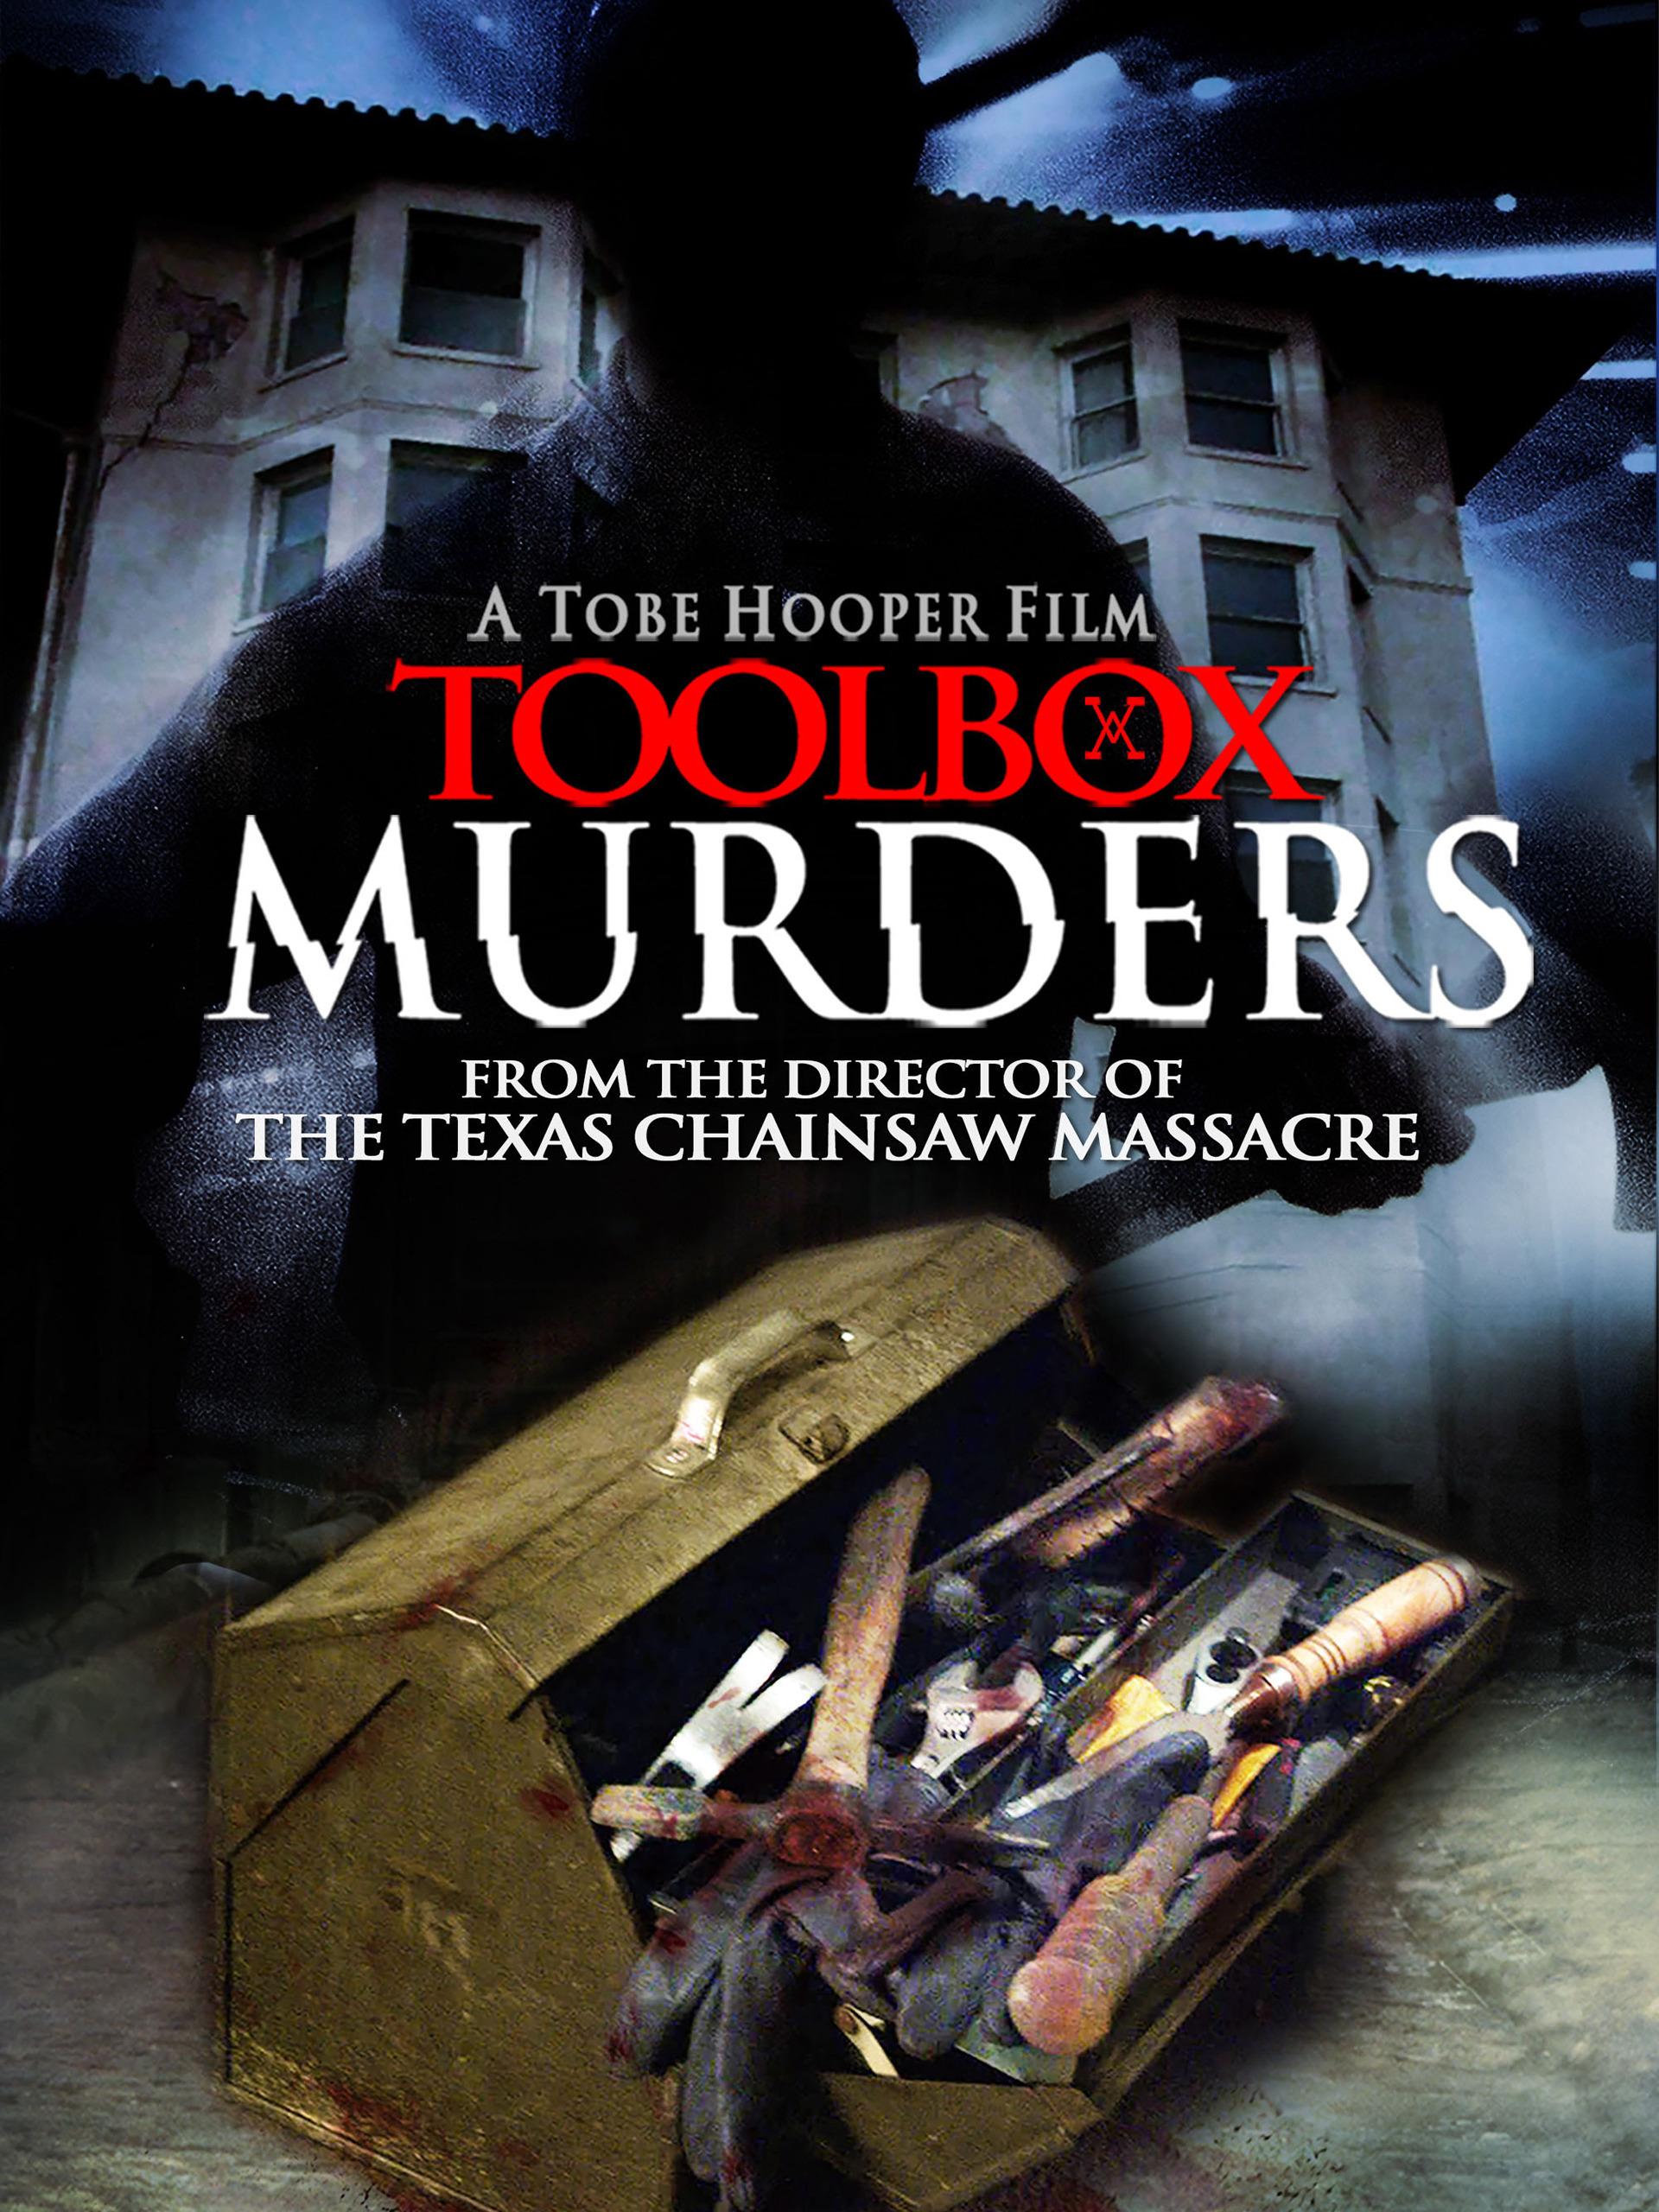 Prime Video Toolbox Murders